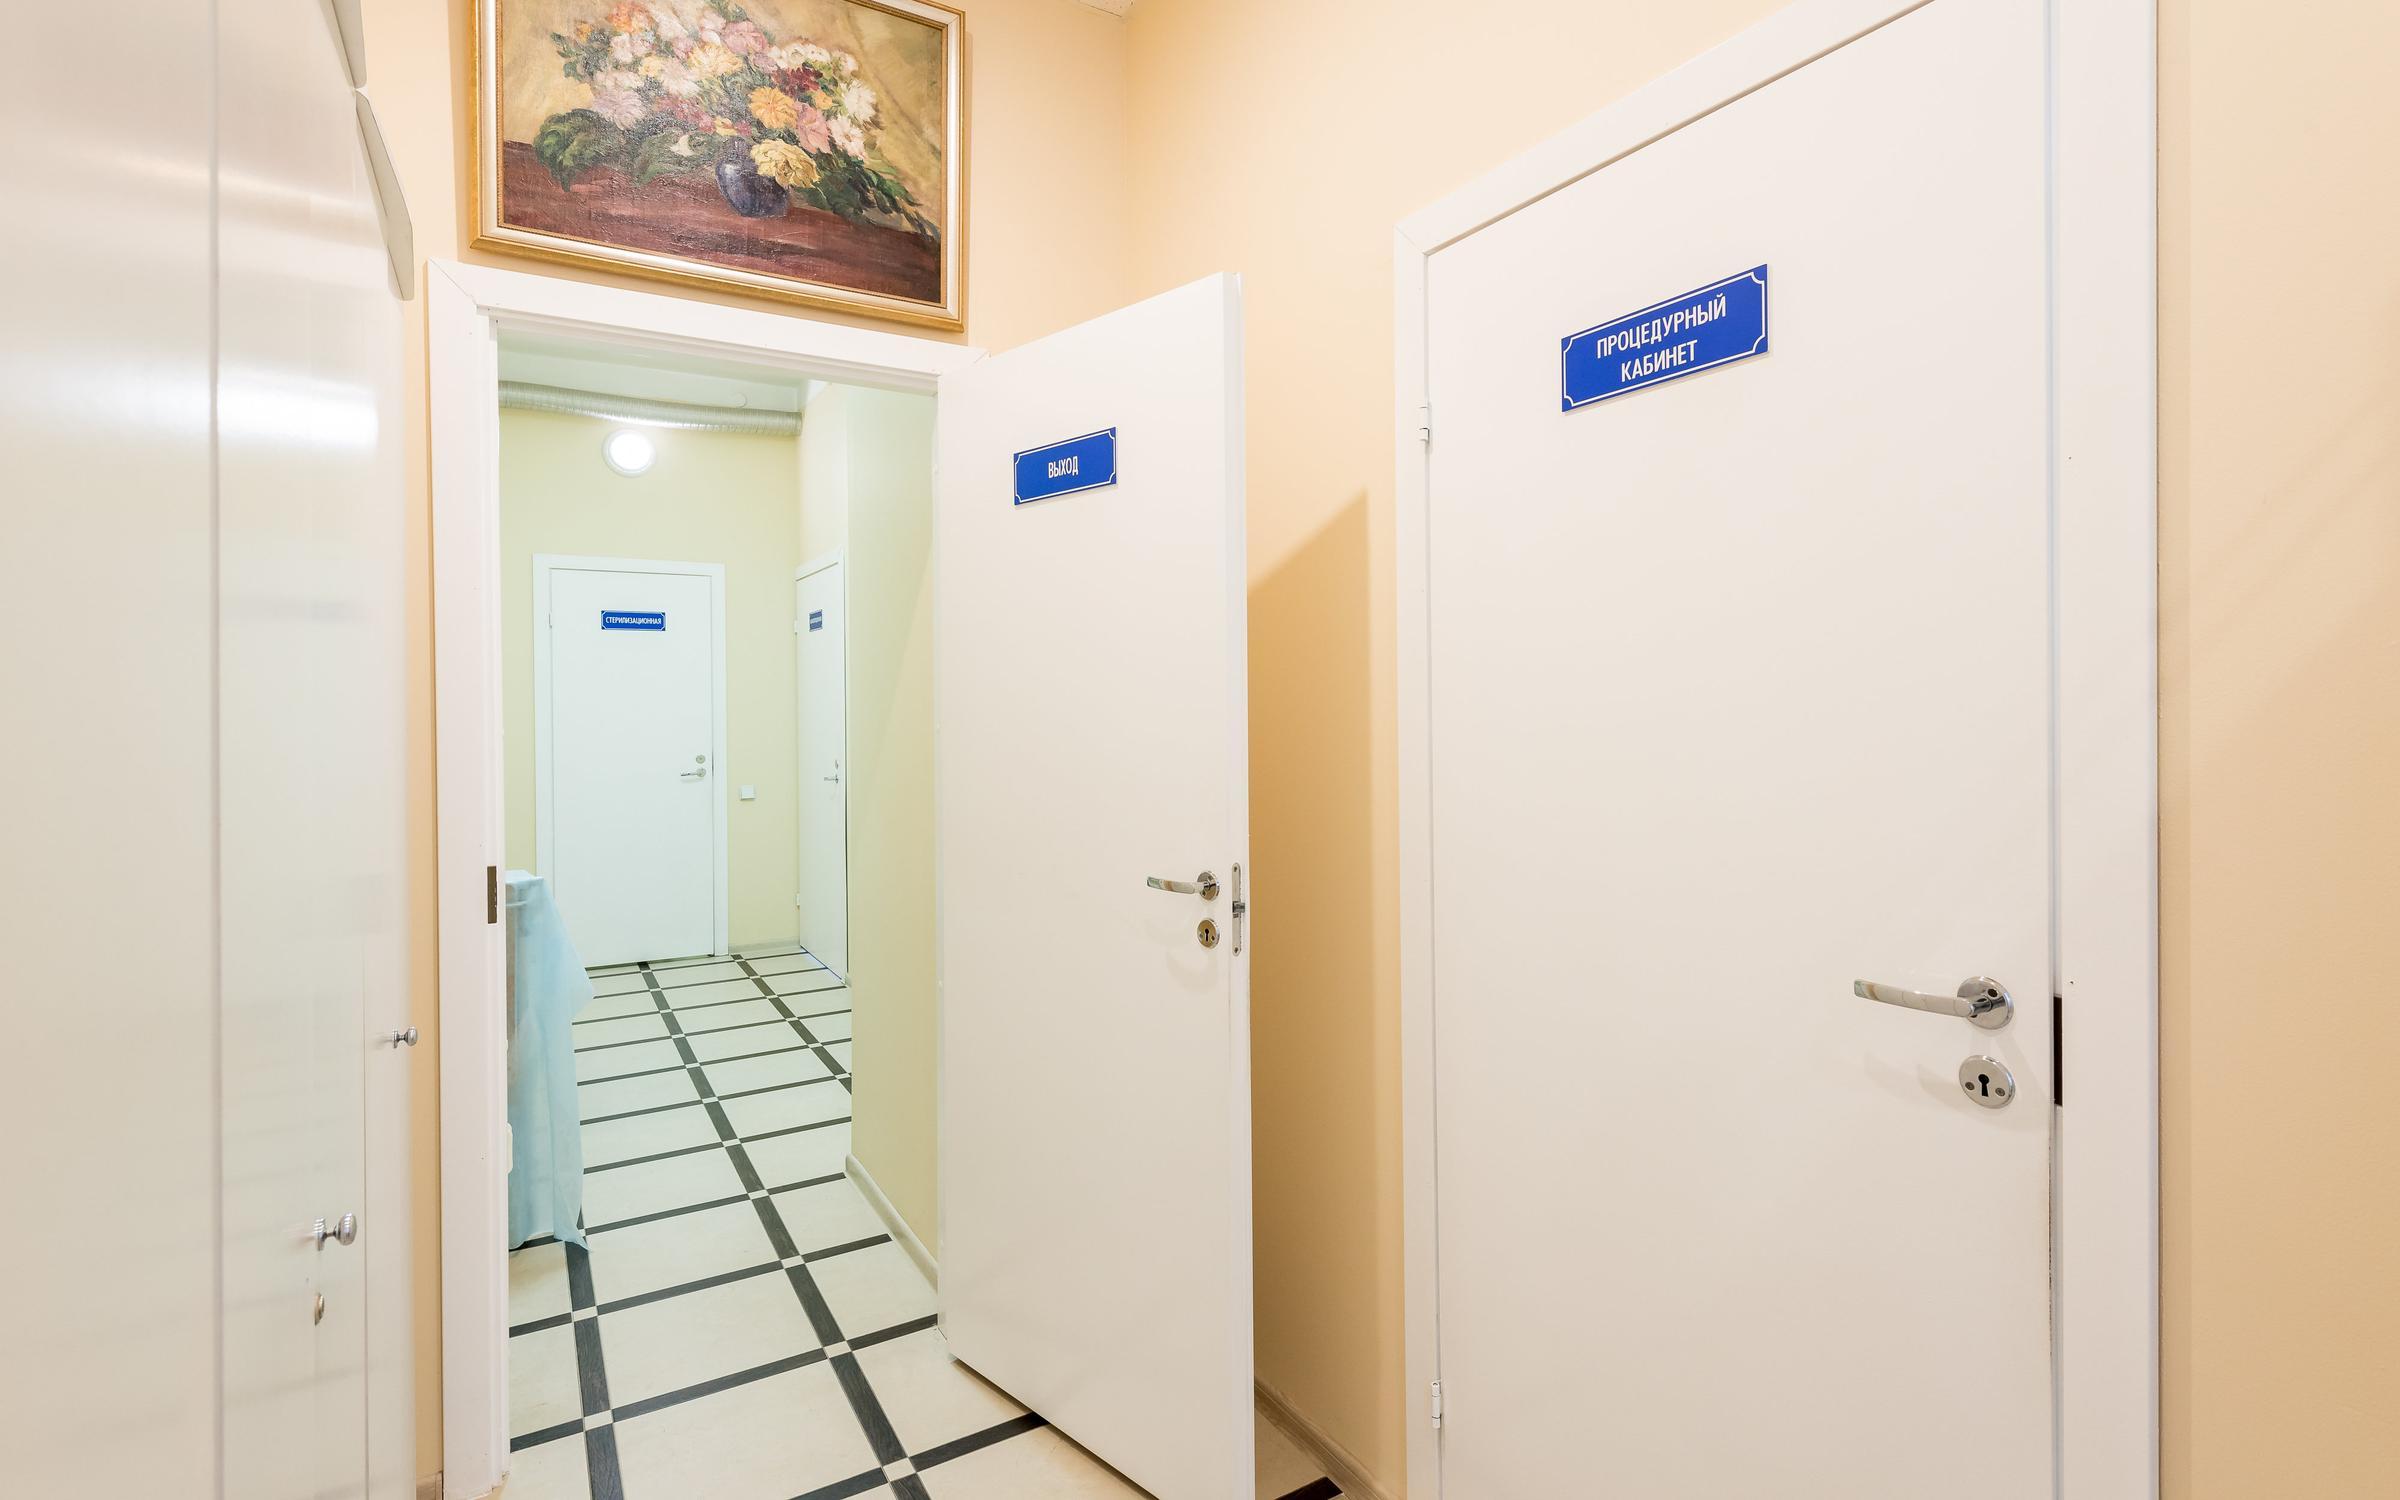 4 поликлиника владикавказ телефон регистратуры